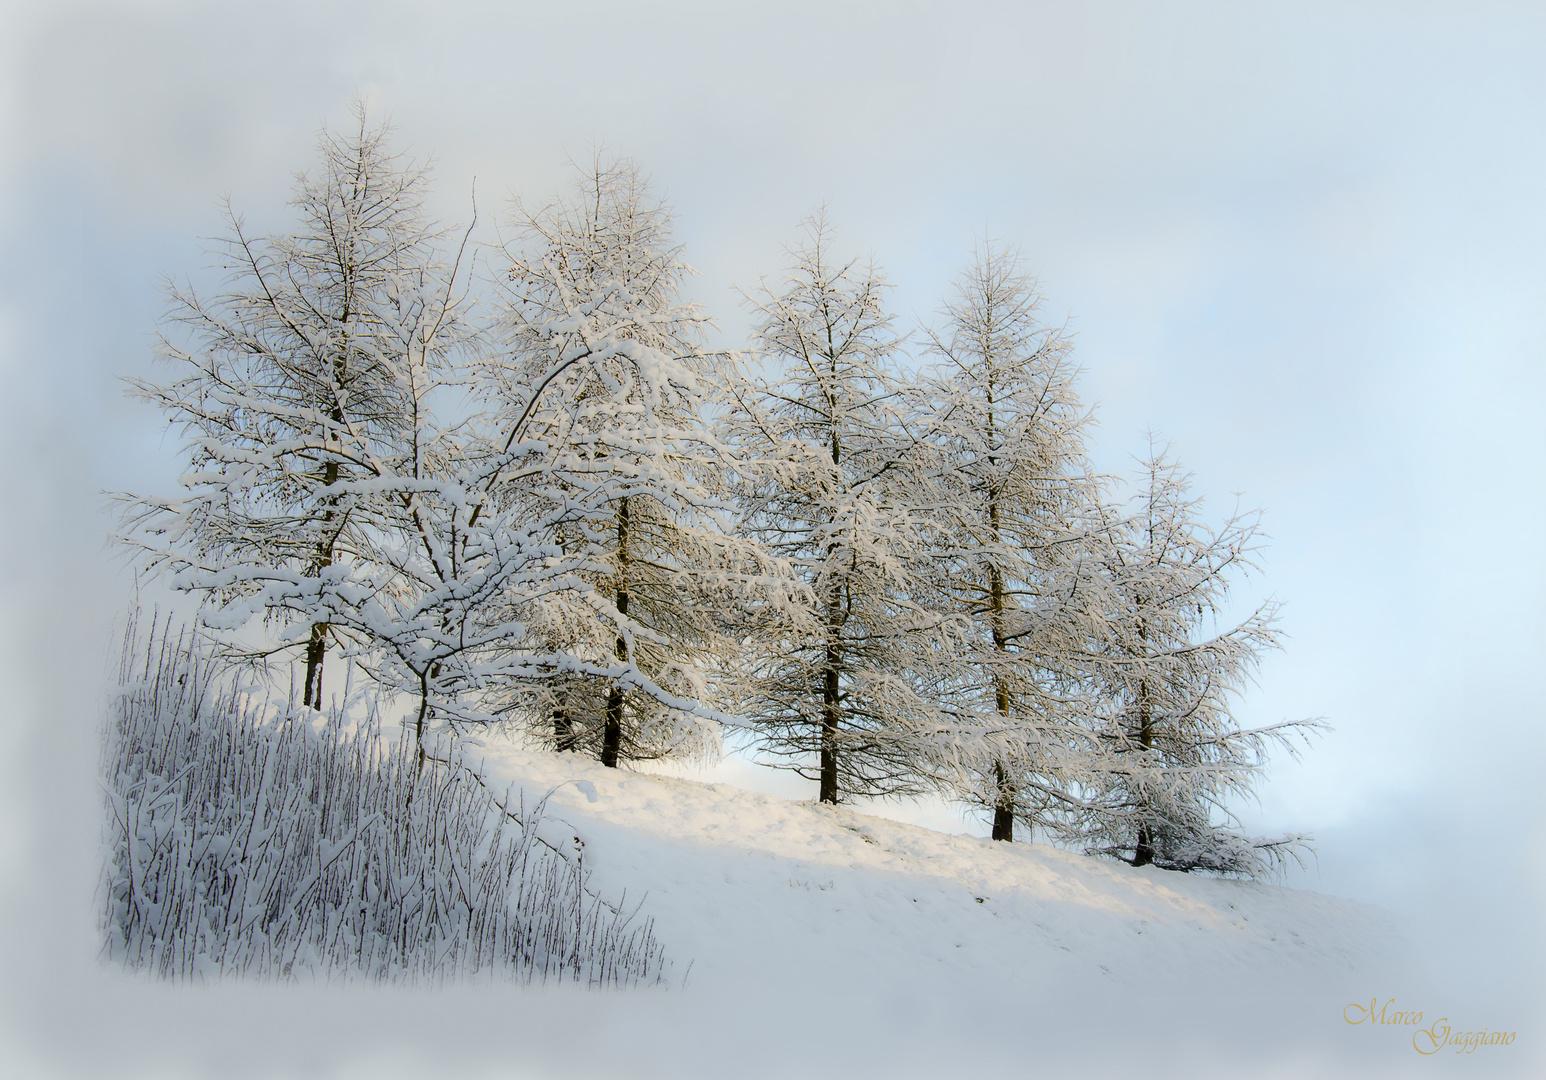 Bäumen und Schnee